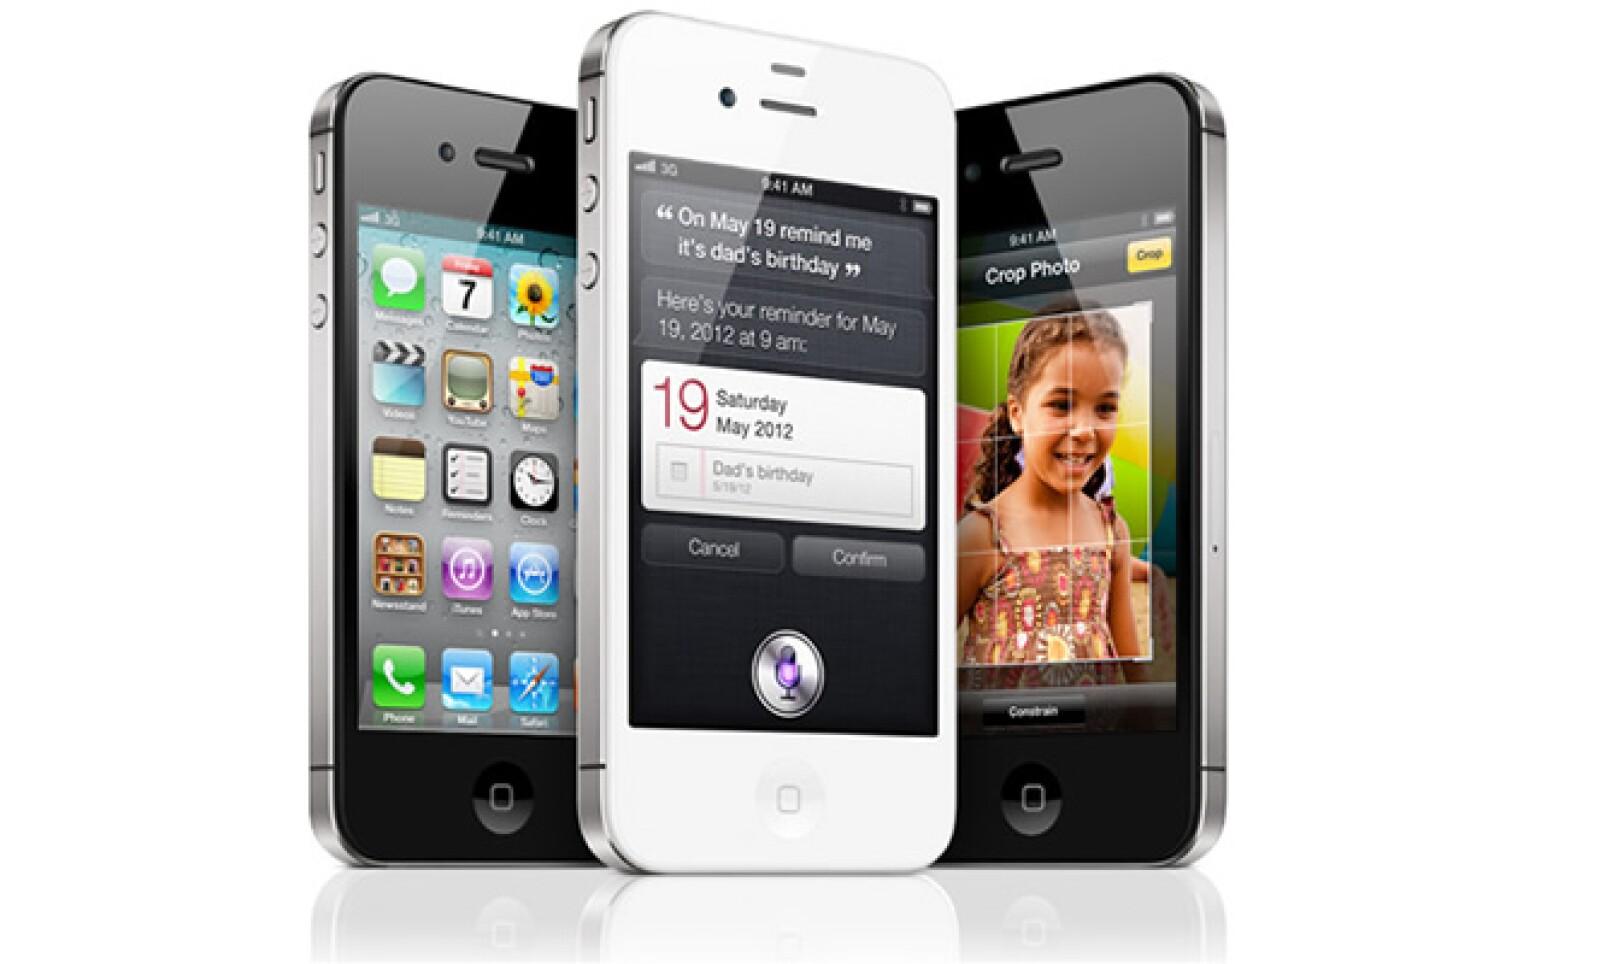 El iPhone 4S viene en blanco y negro y saldrá a la venta el 14 de octubre en EU.